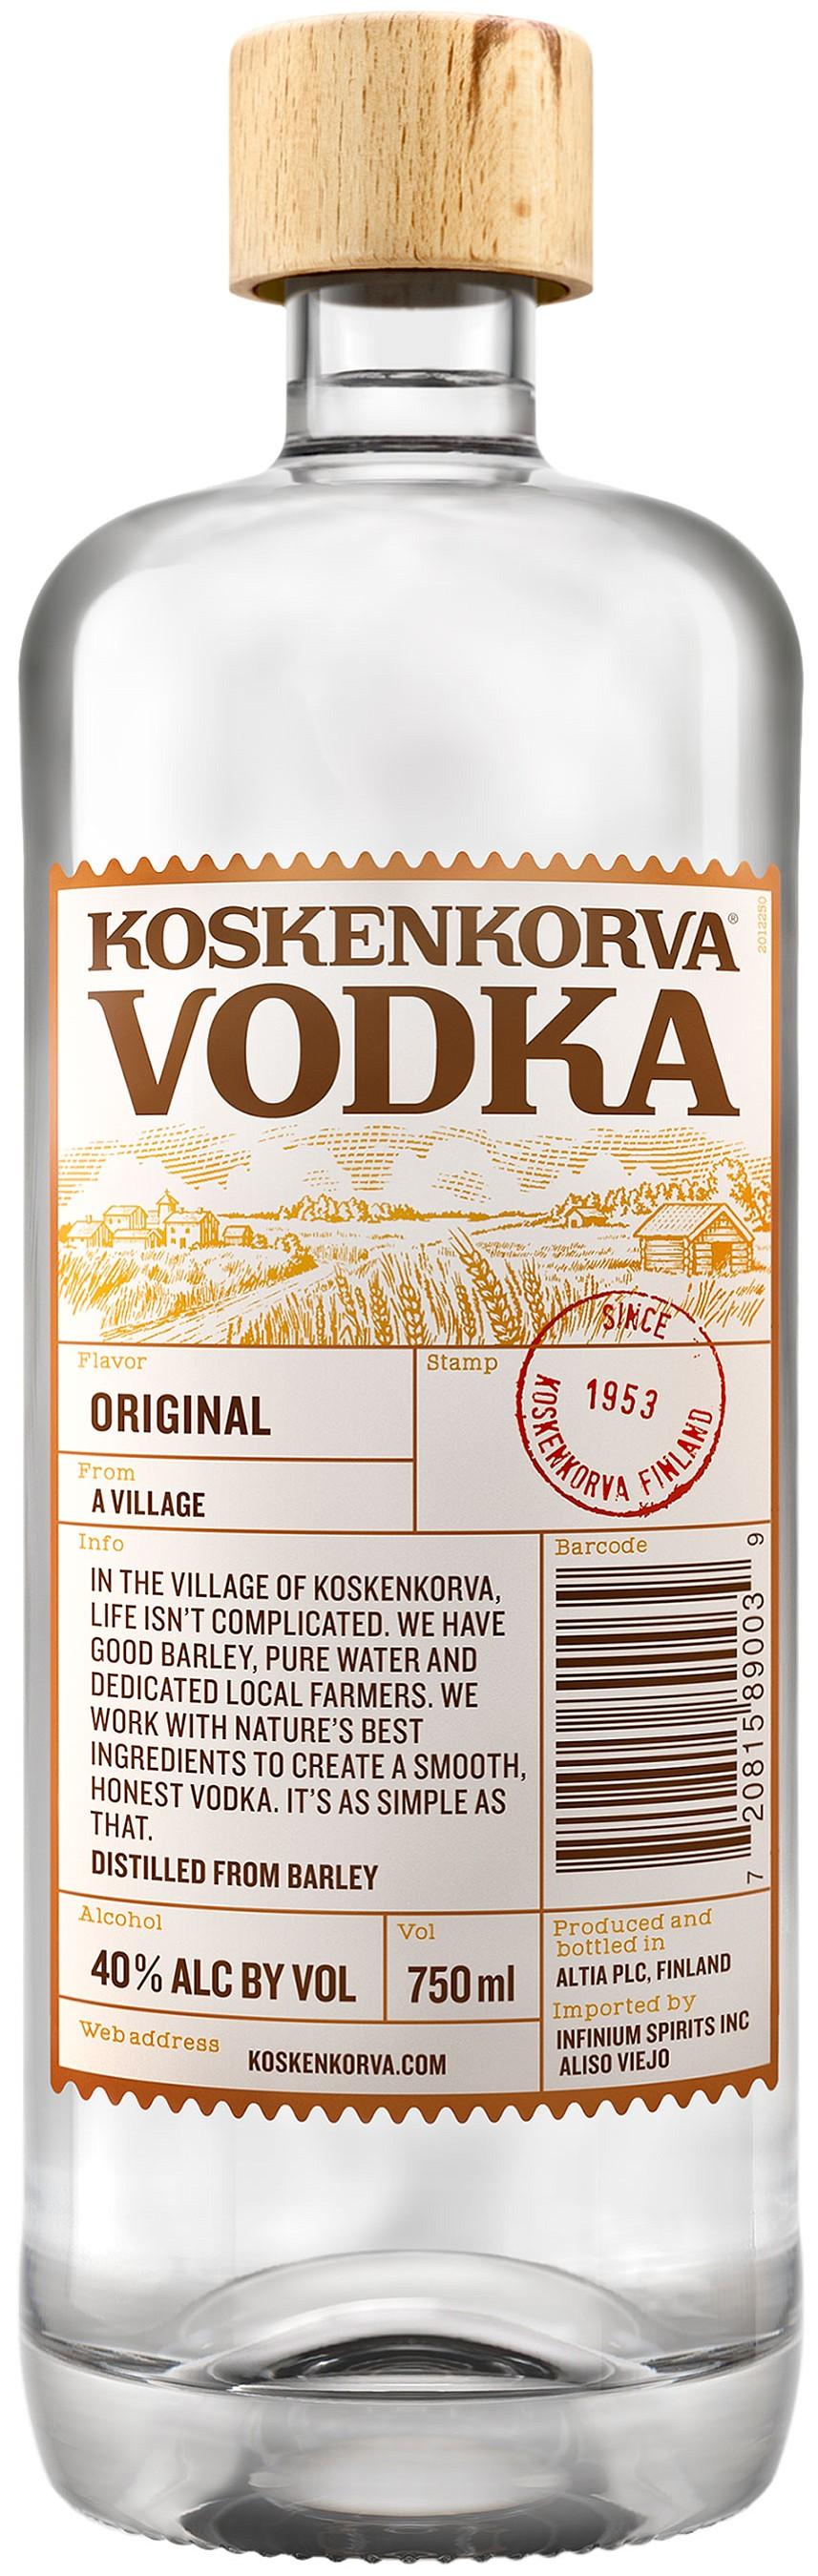 Koskenkorva Vodka, founded in 1953.